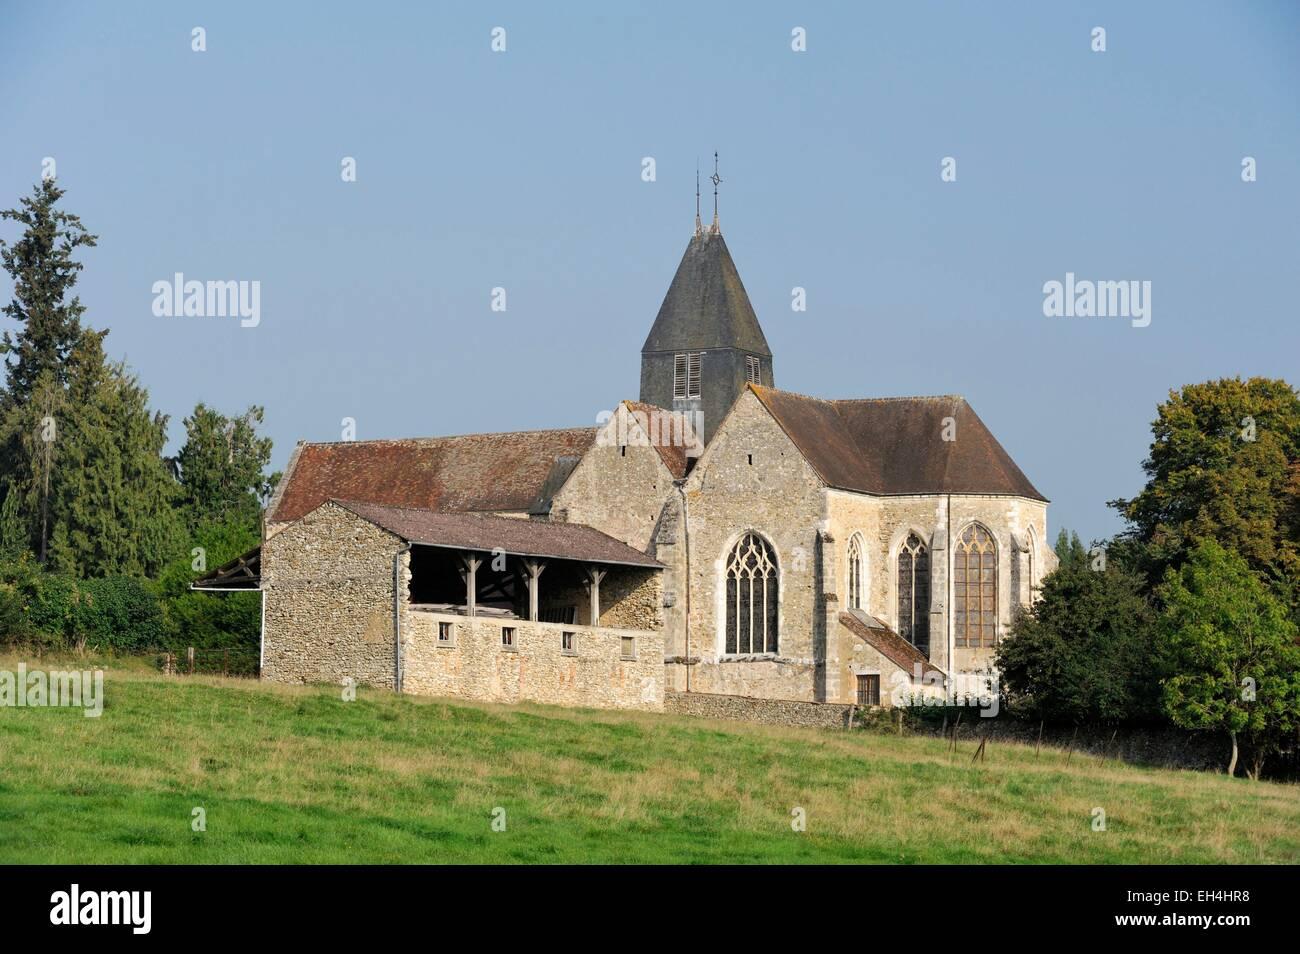 France, Marne, Montmort Lucy, Saint Pierre Saint Paul church - Stock Image